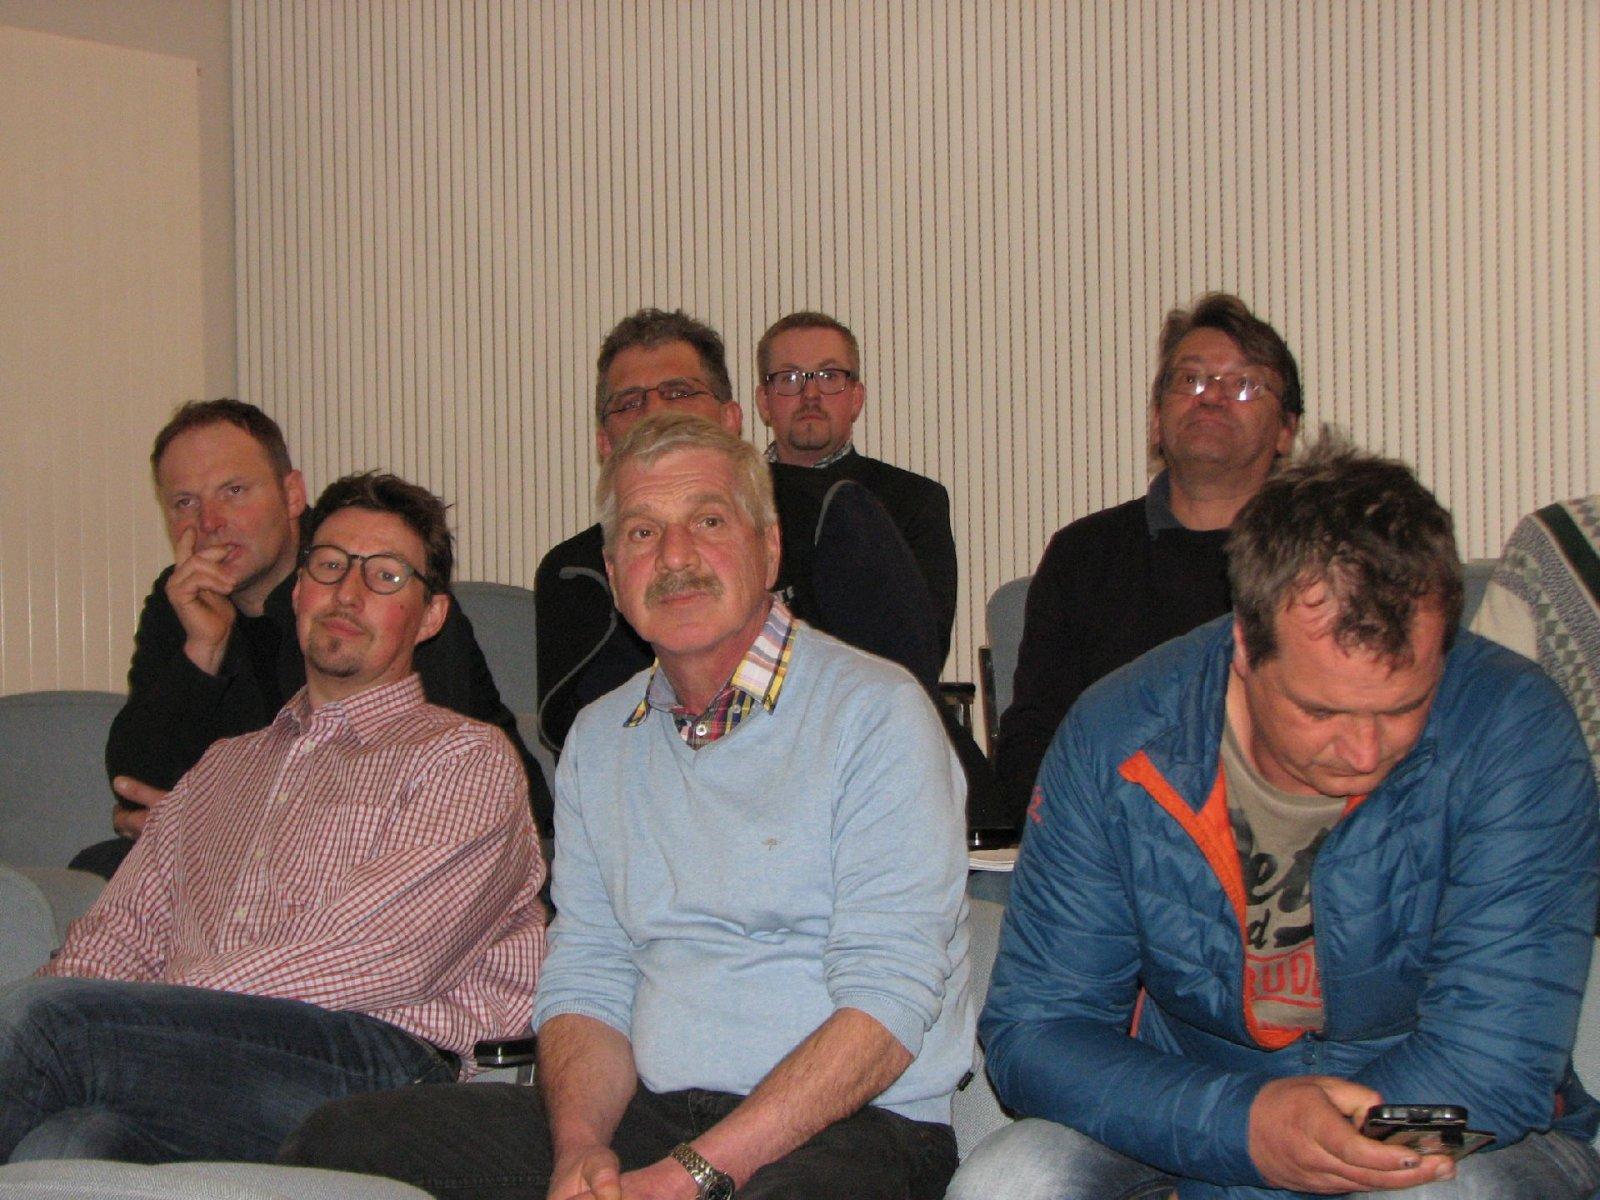 2017-03-03_sprengtag_salzburg_103_32447939283_o